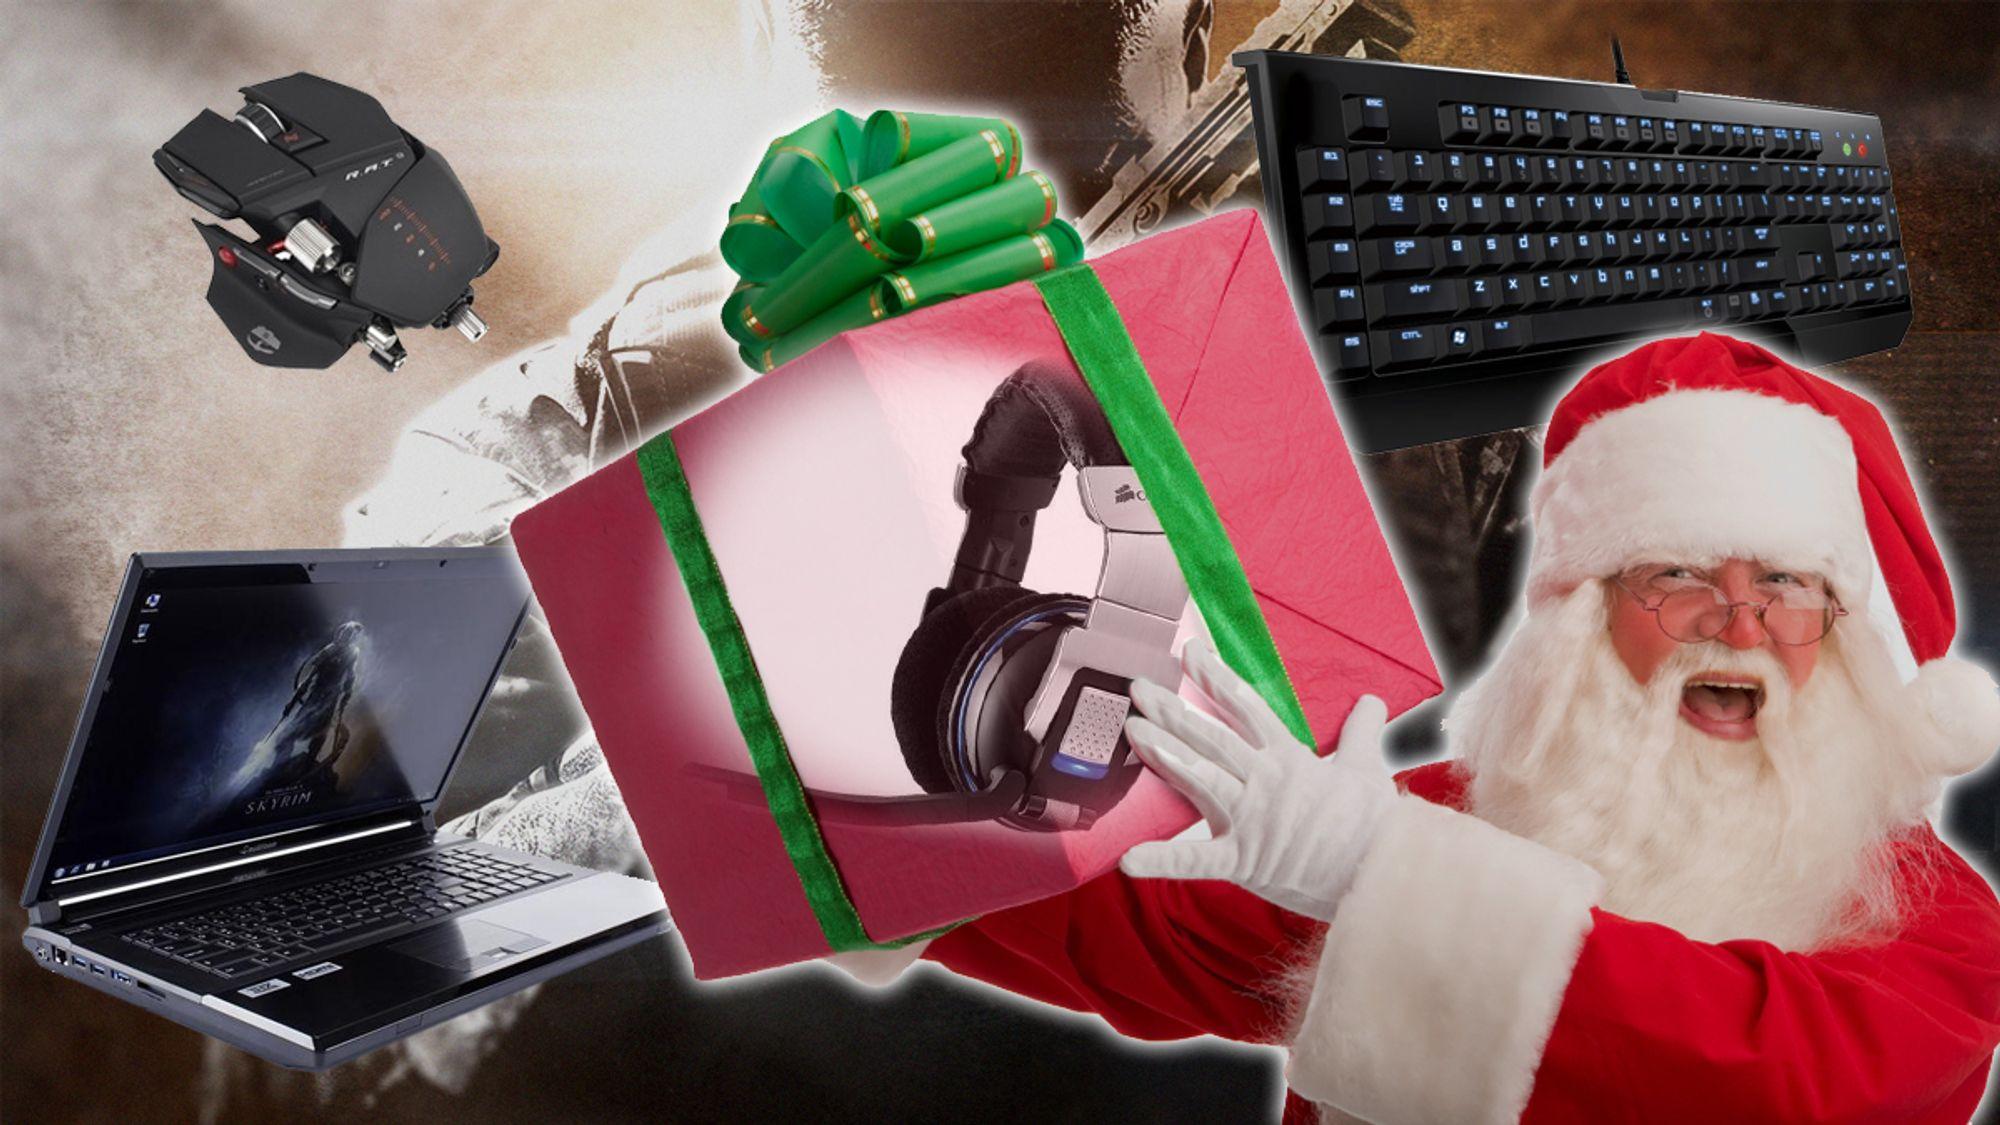 julegavetips til gamer